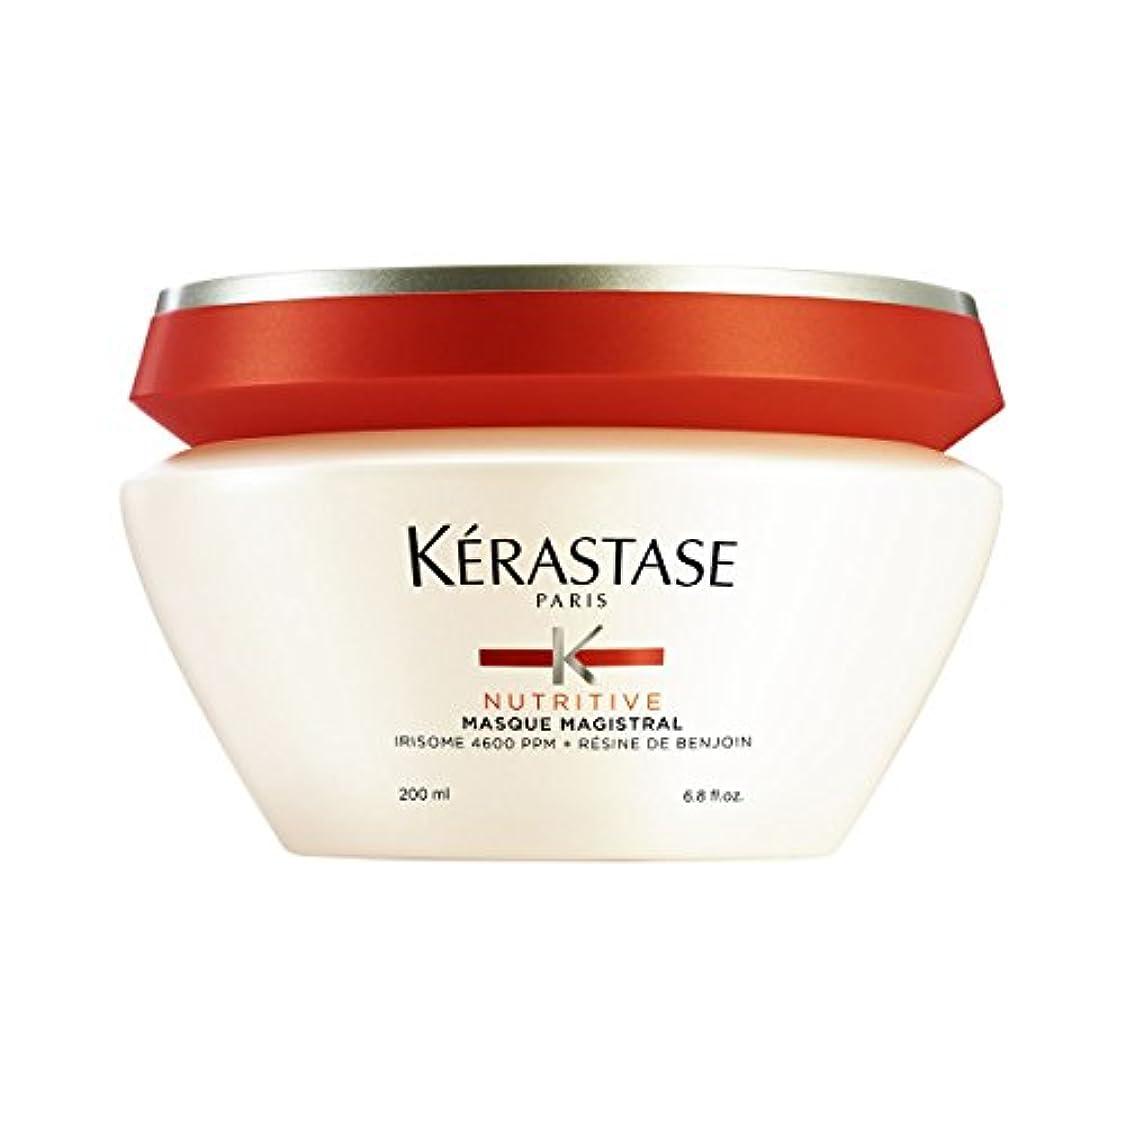 ベーリング海峡専門化する北へK駻astase Nutritive Masque Magistral Hair Mask 200ml [並行輸入品]